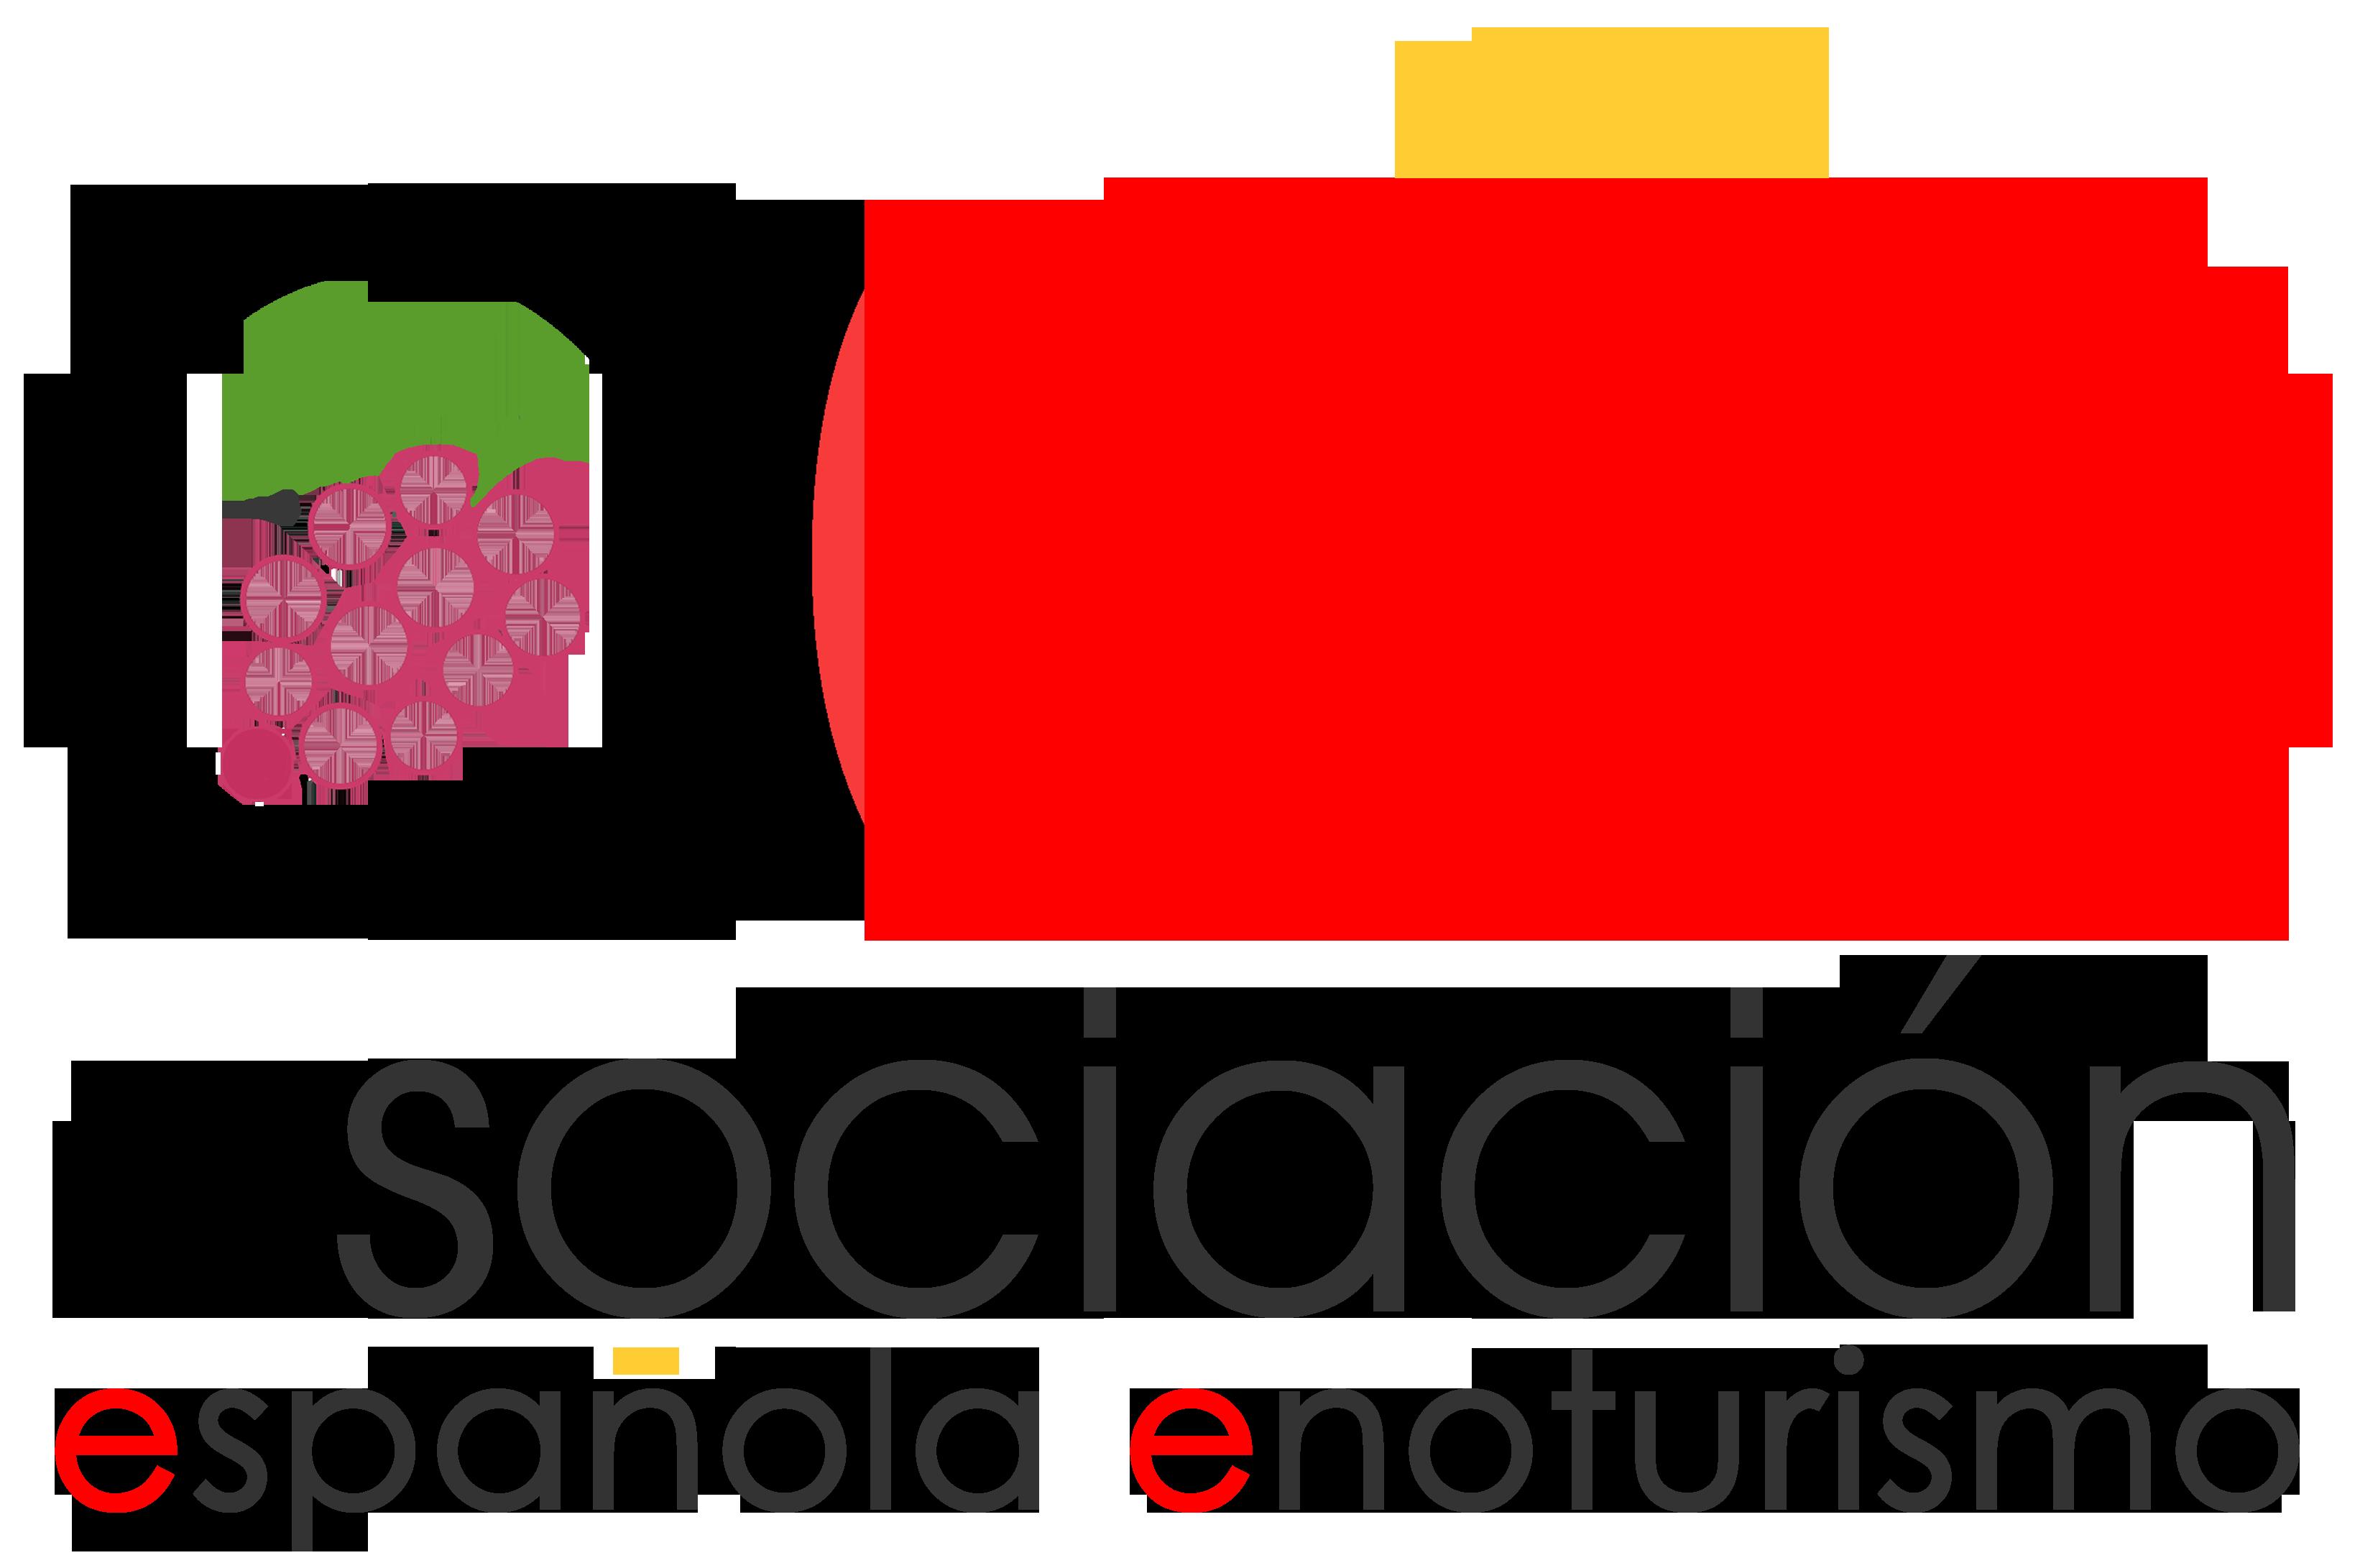 Logo Asociación Española del Enoturismo